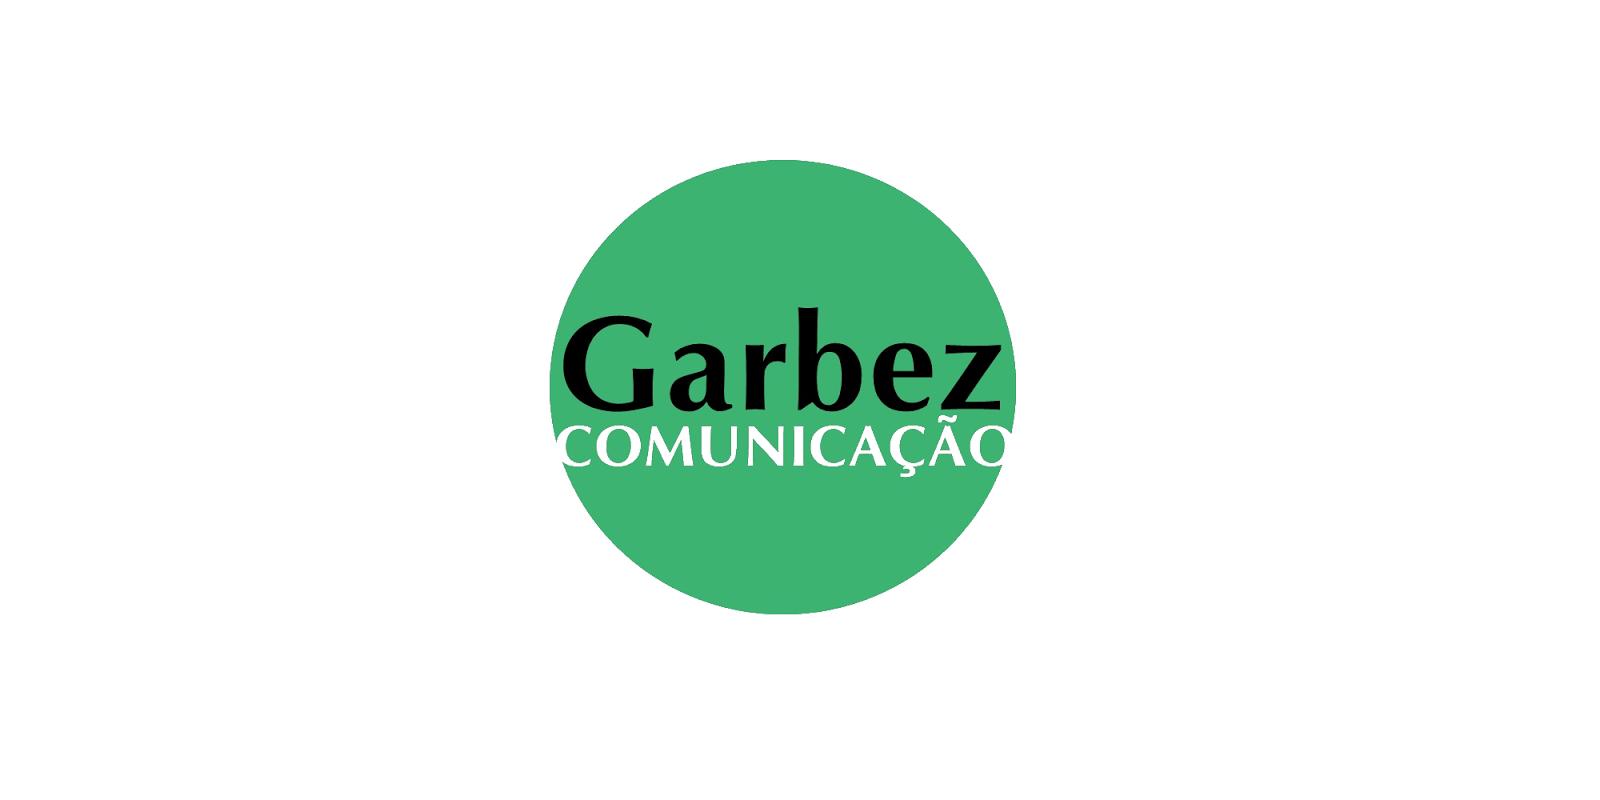 Garbez Comunicação